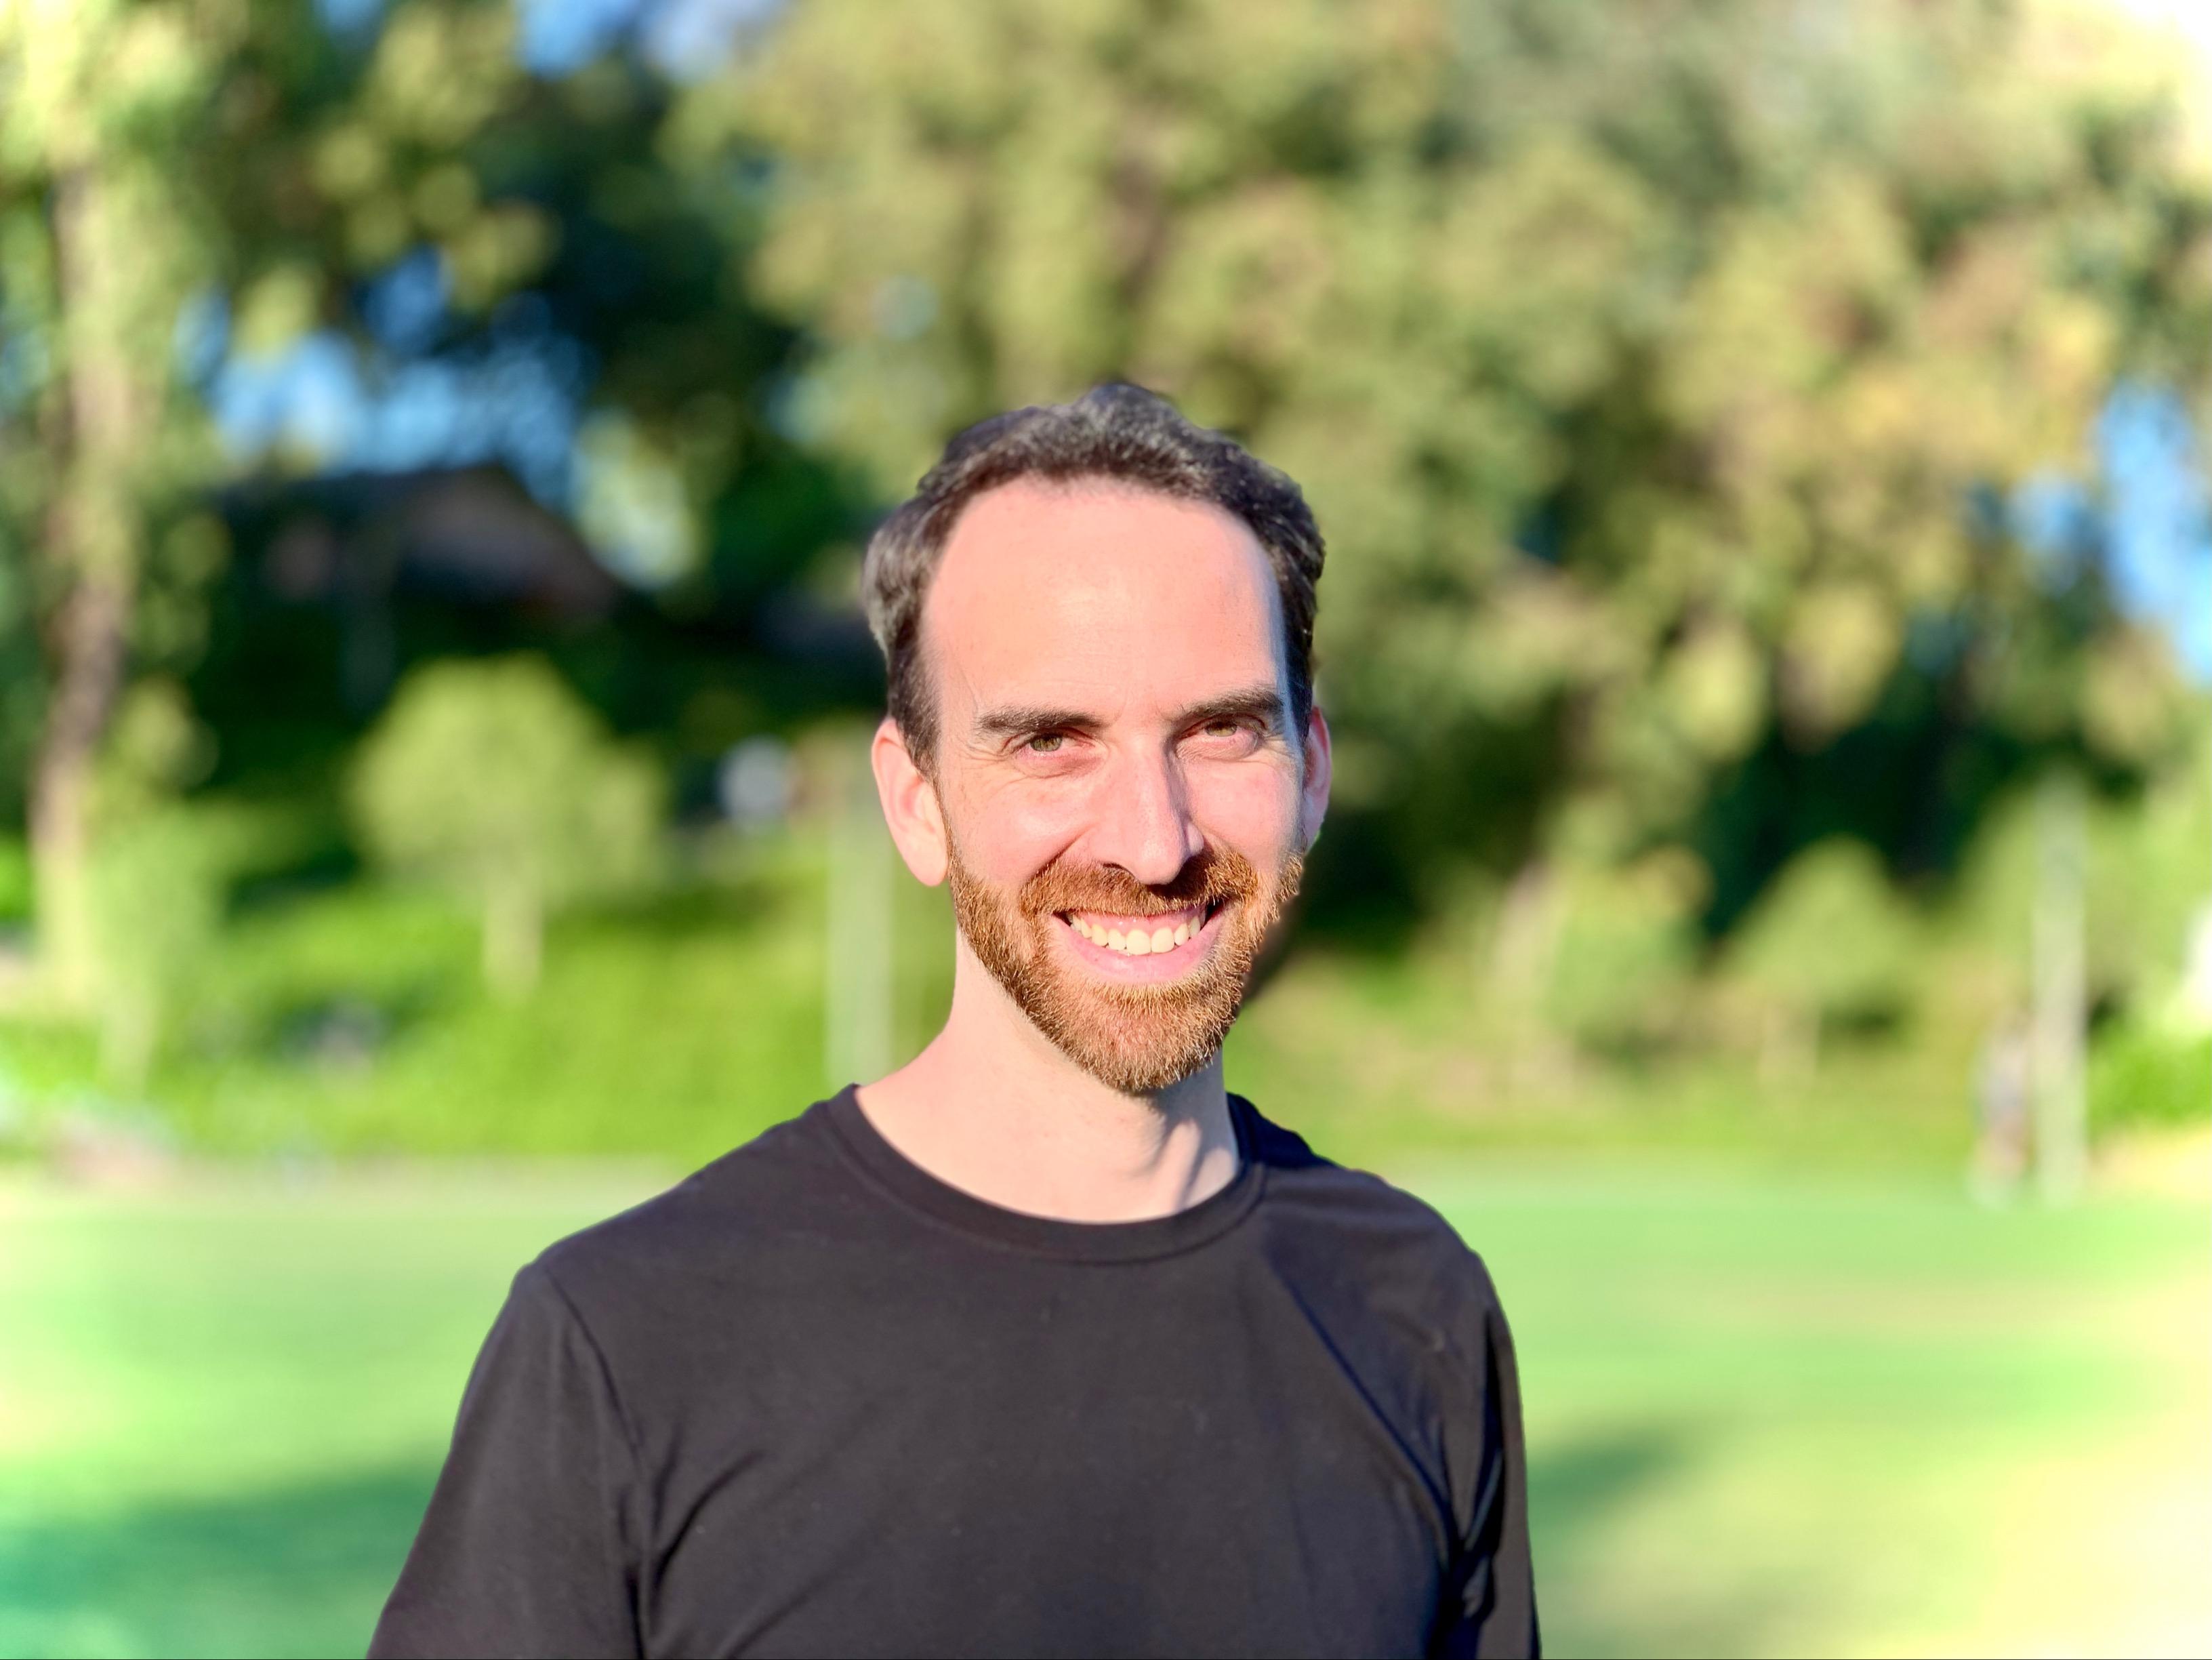 Developer Spotlight - David Thornfield